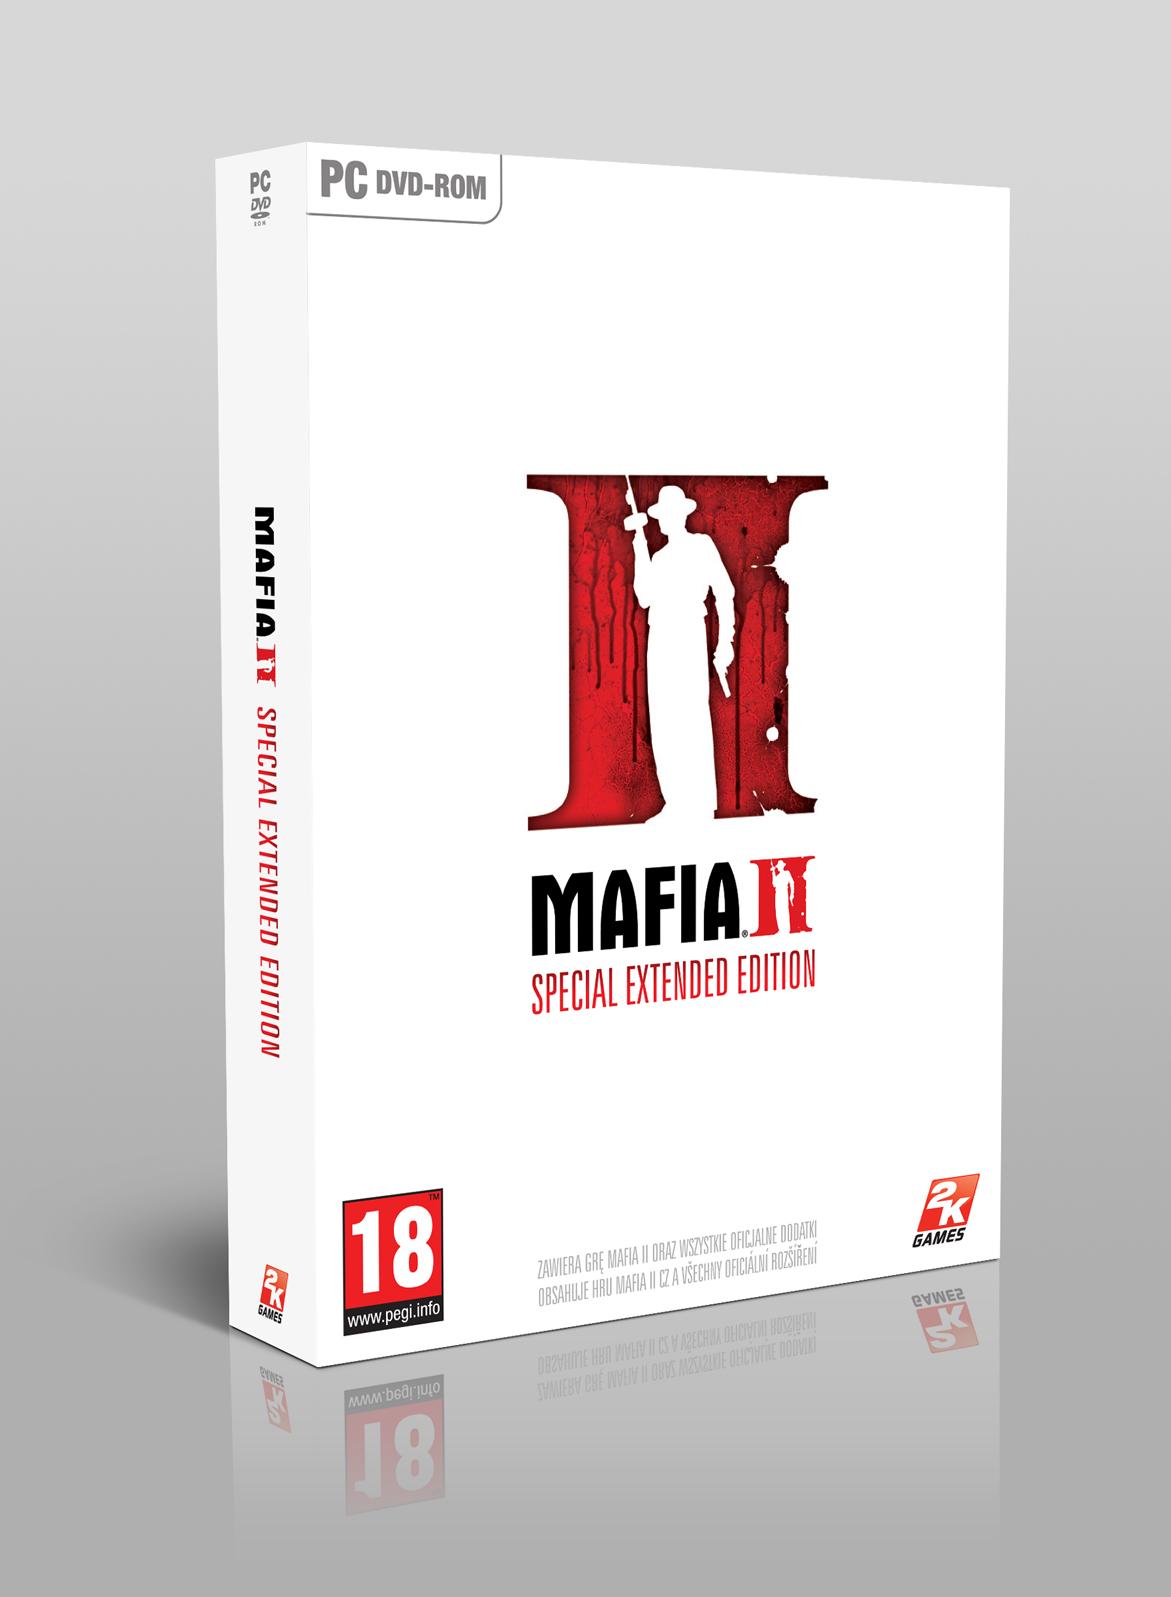 Brzy vyjde speciální edice Mafie II s původní hrou a všemi DLC 22304